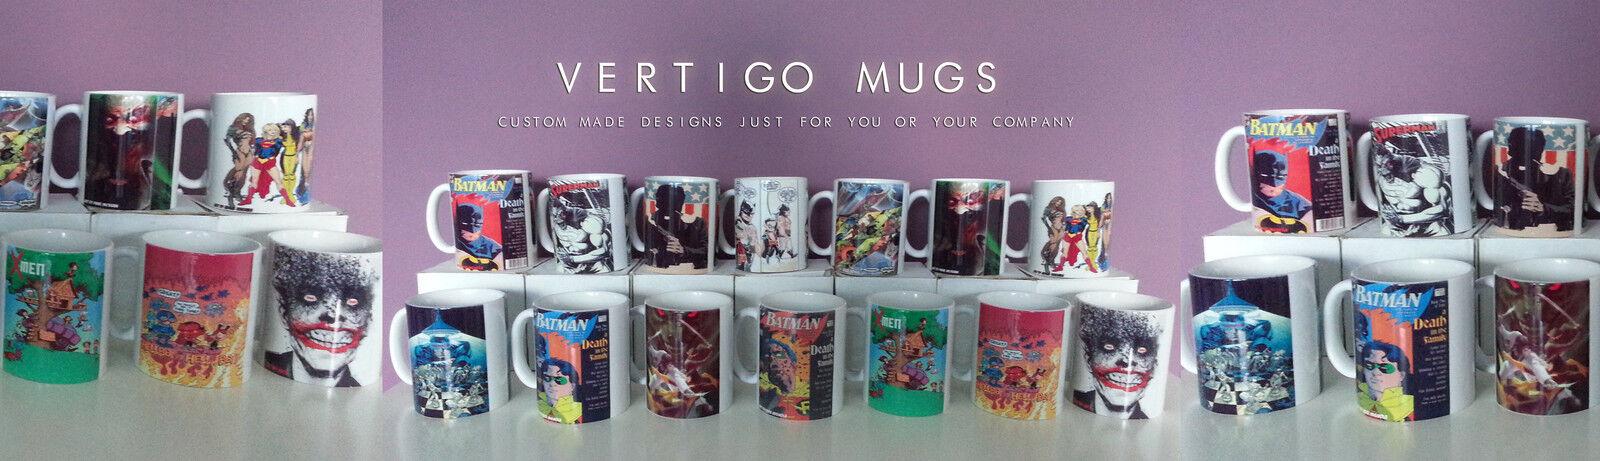 vertigo_mugs